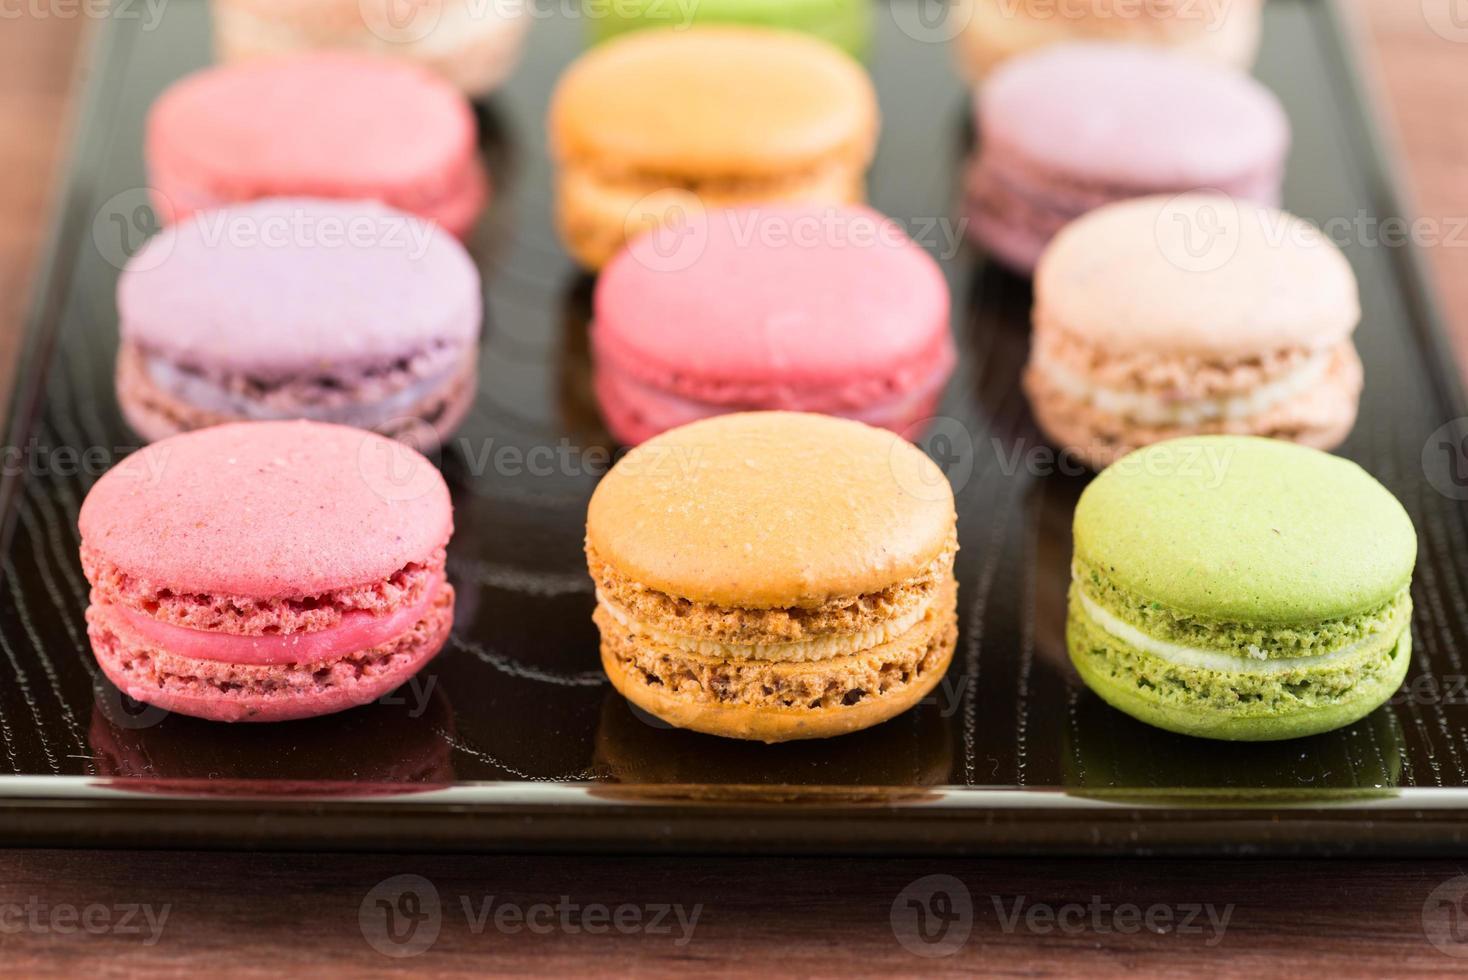 bunte Macarons auf einem Lacktablett foto